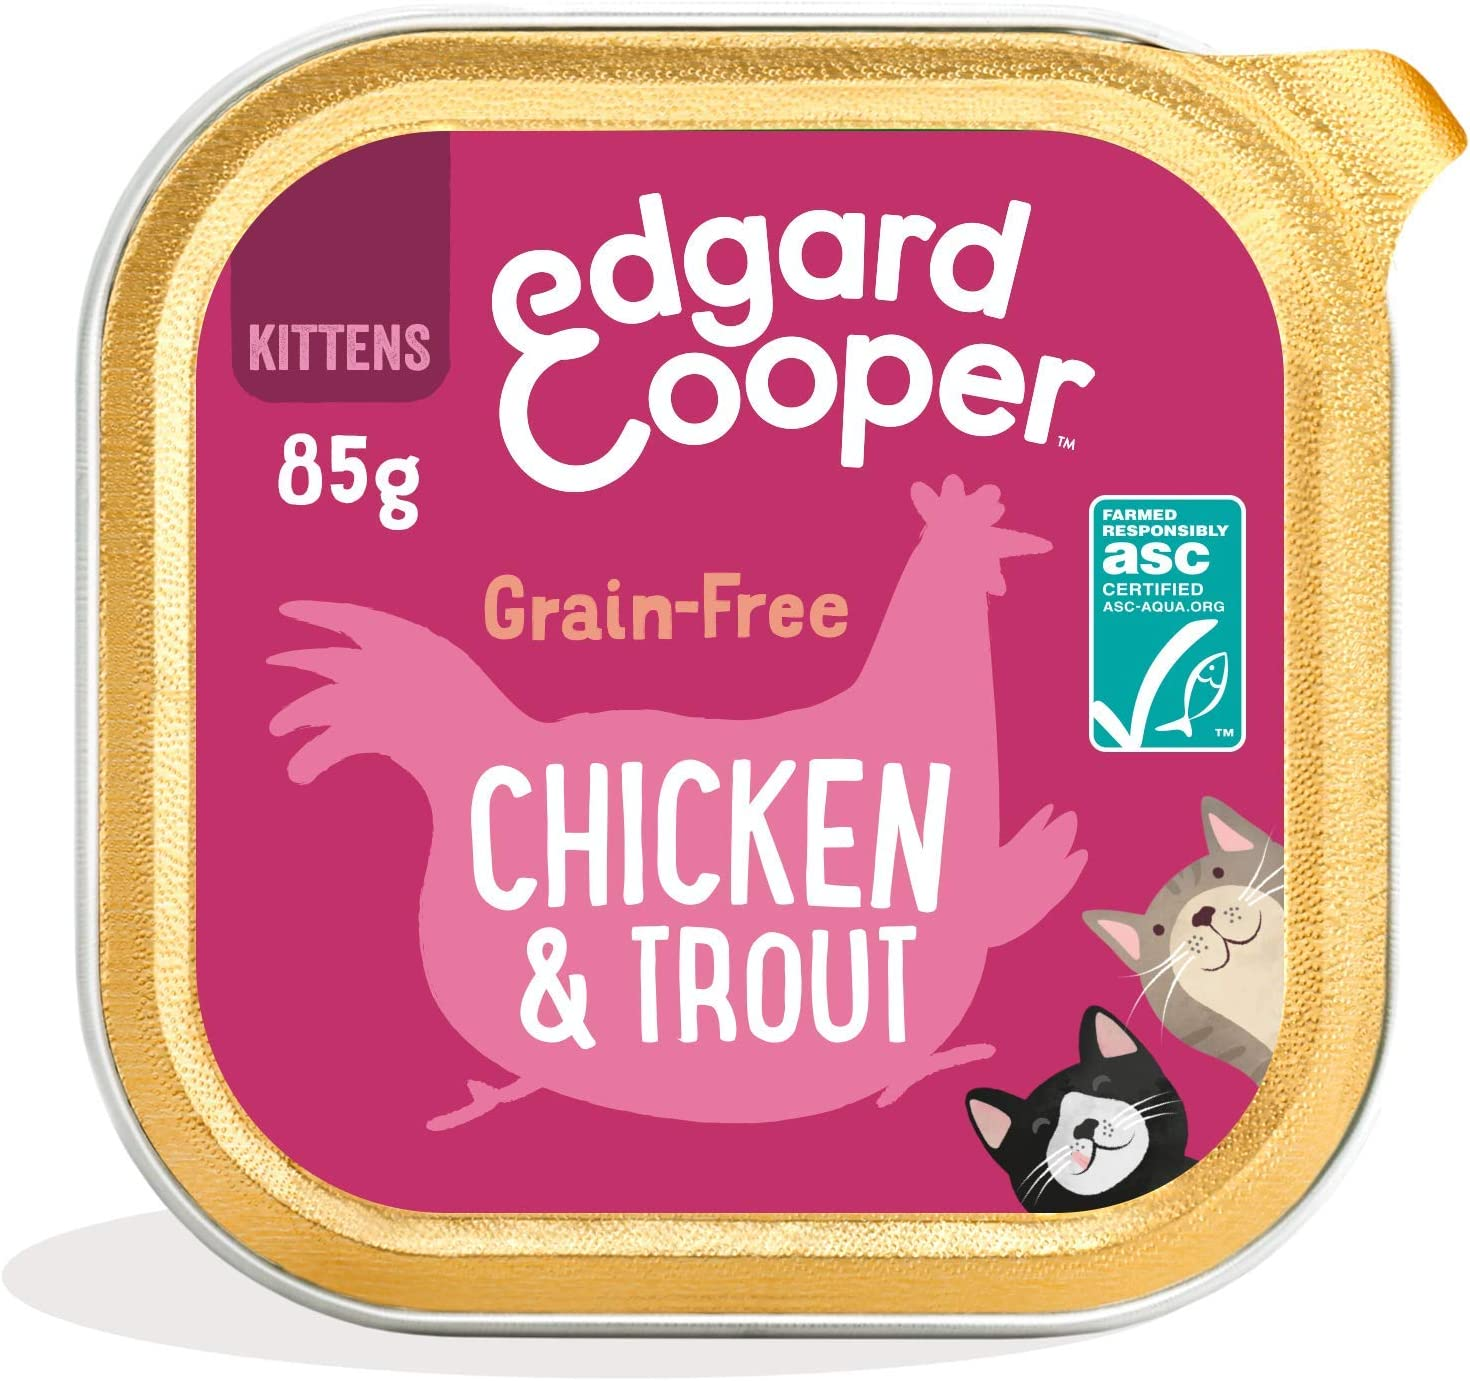 Edgard & Cooper Comida humeda Gatos Kitten sin Cereales, Natural con Pollo Fresco y Truchas con certificación ASC. Comida Sana Rica en nutrientes y antioxidantes Naturales. Pack tarrinas de 19x85gr